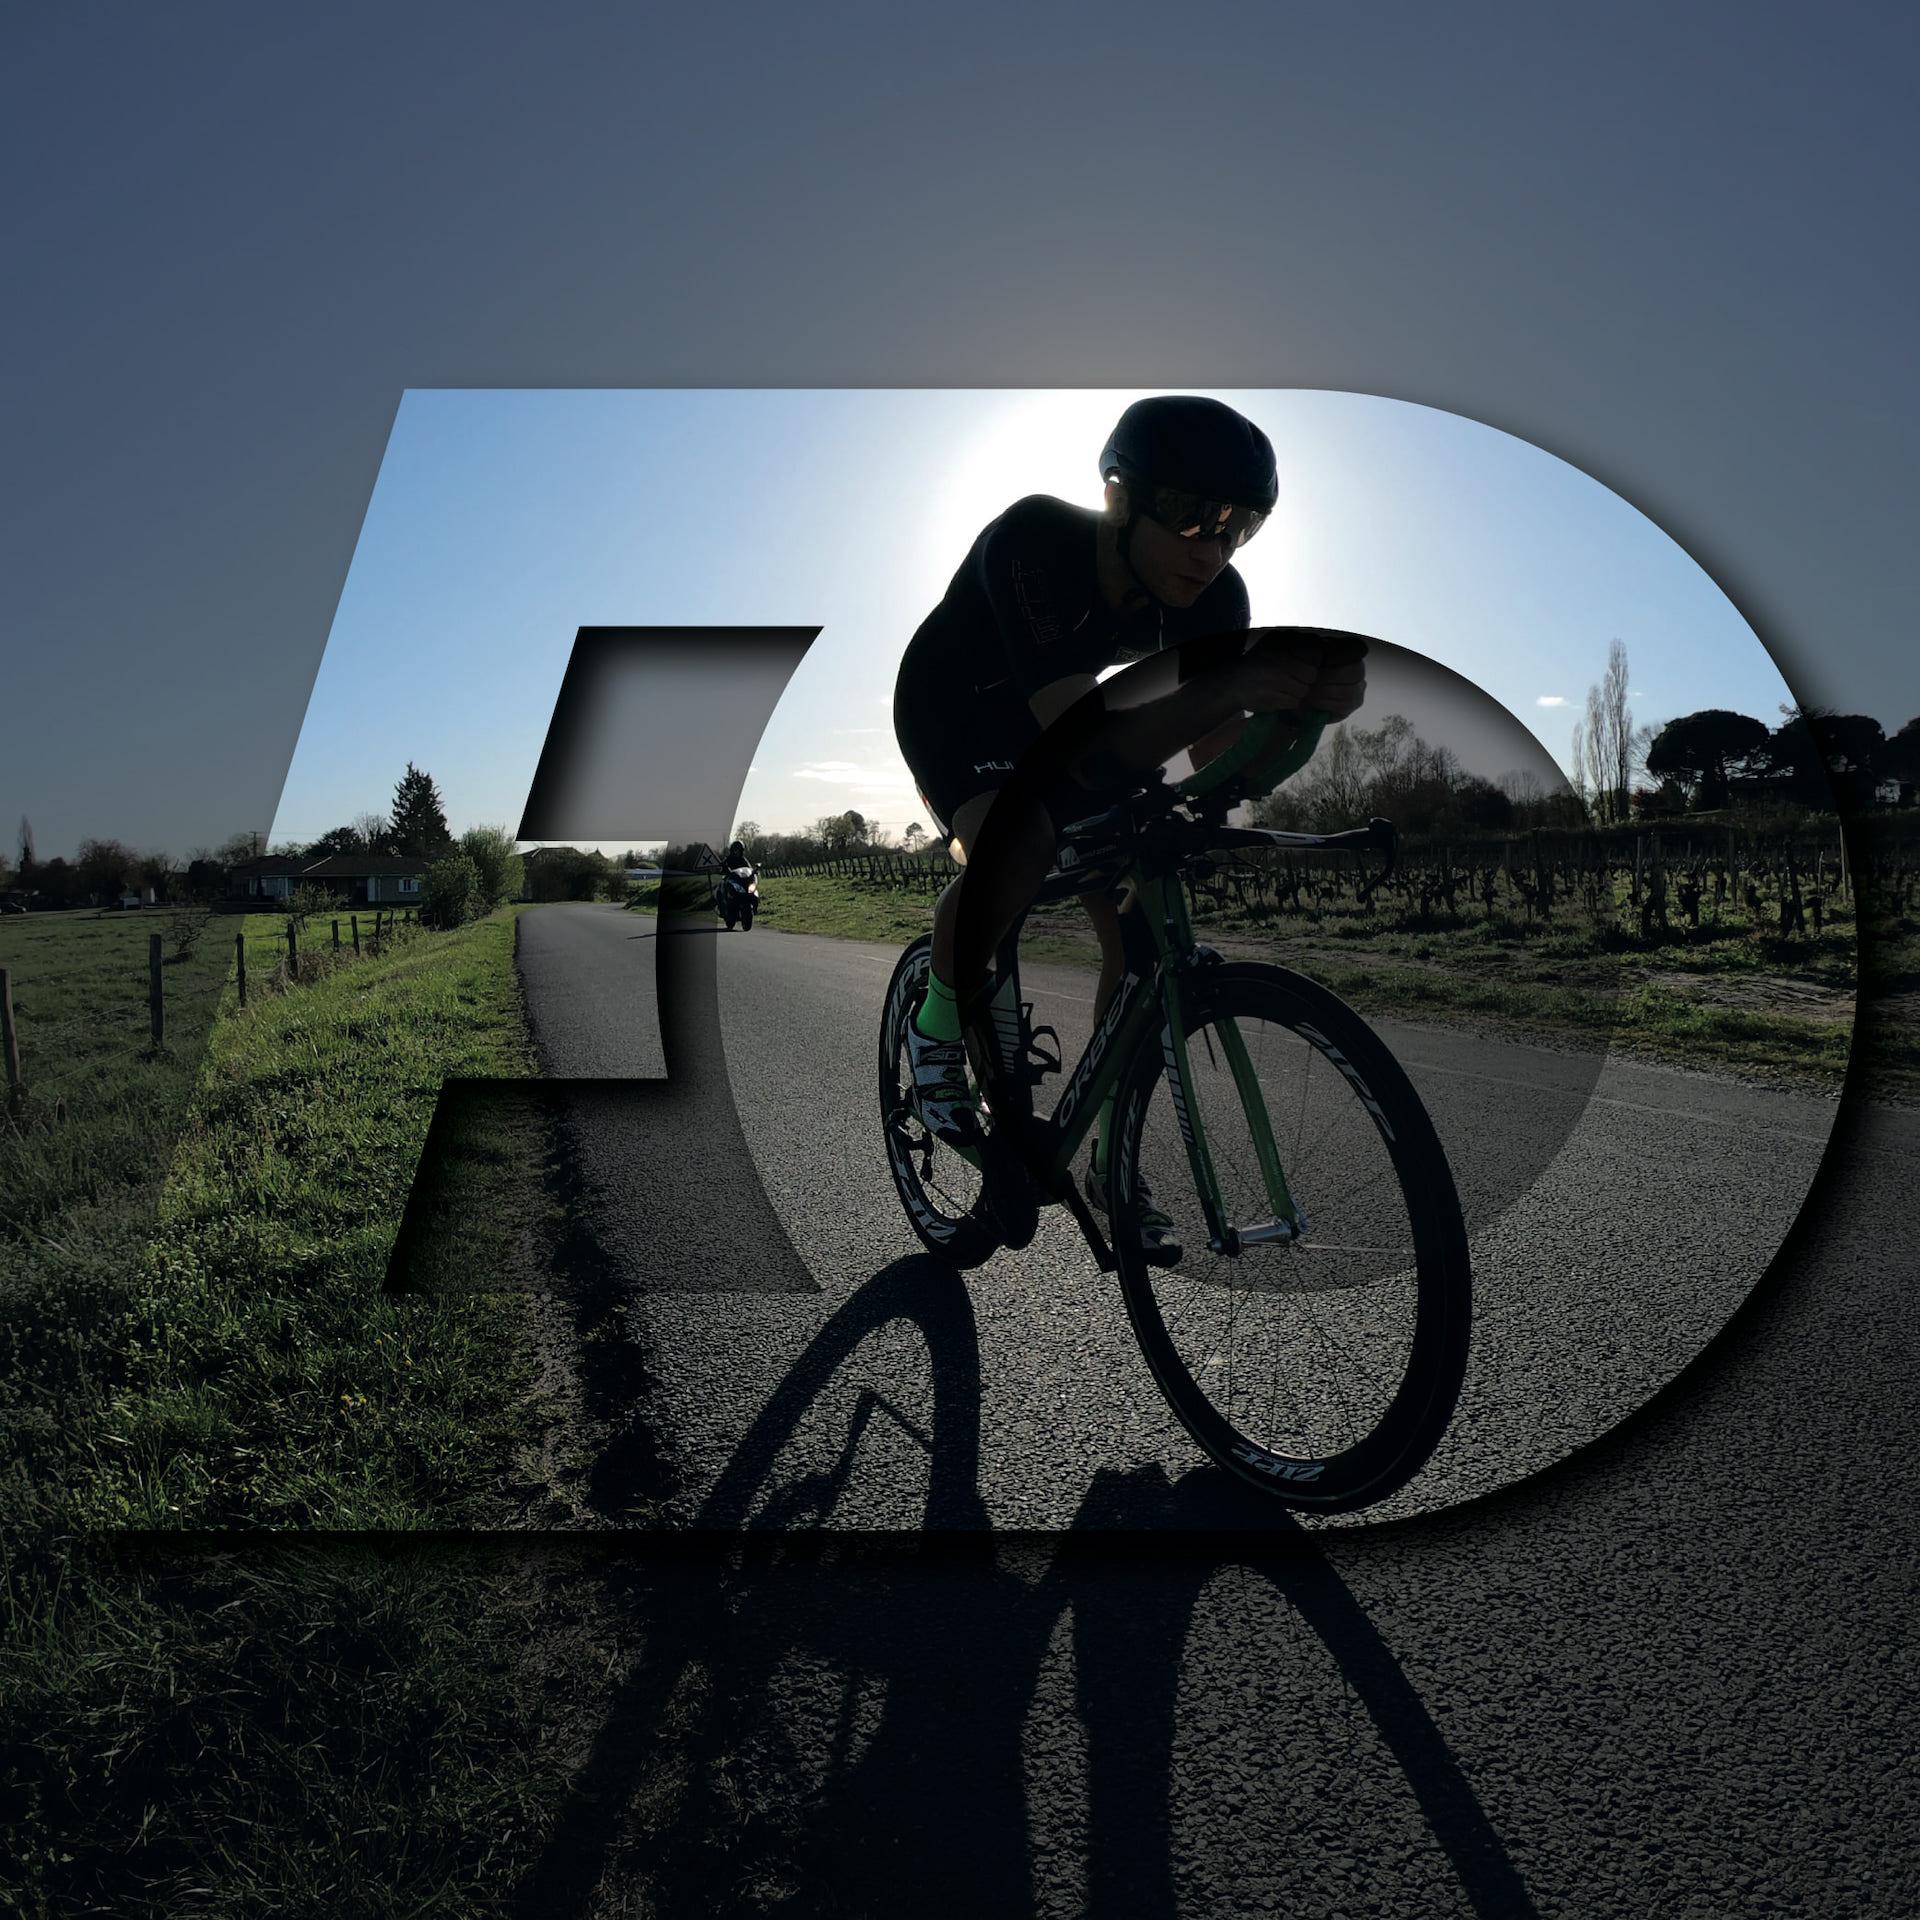 Cycliste en train de faire du vélo sur une route de campagne